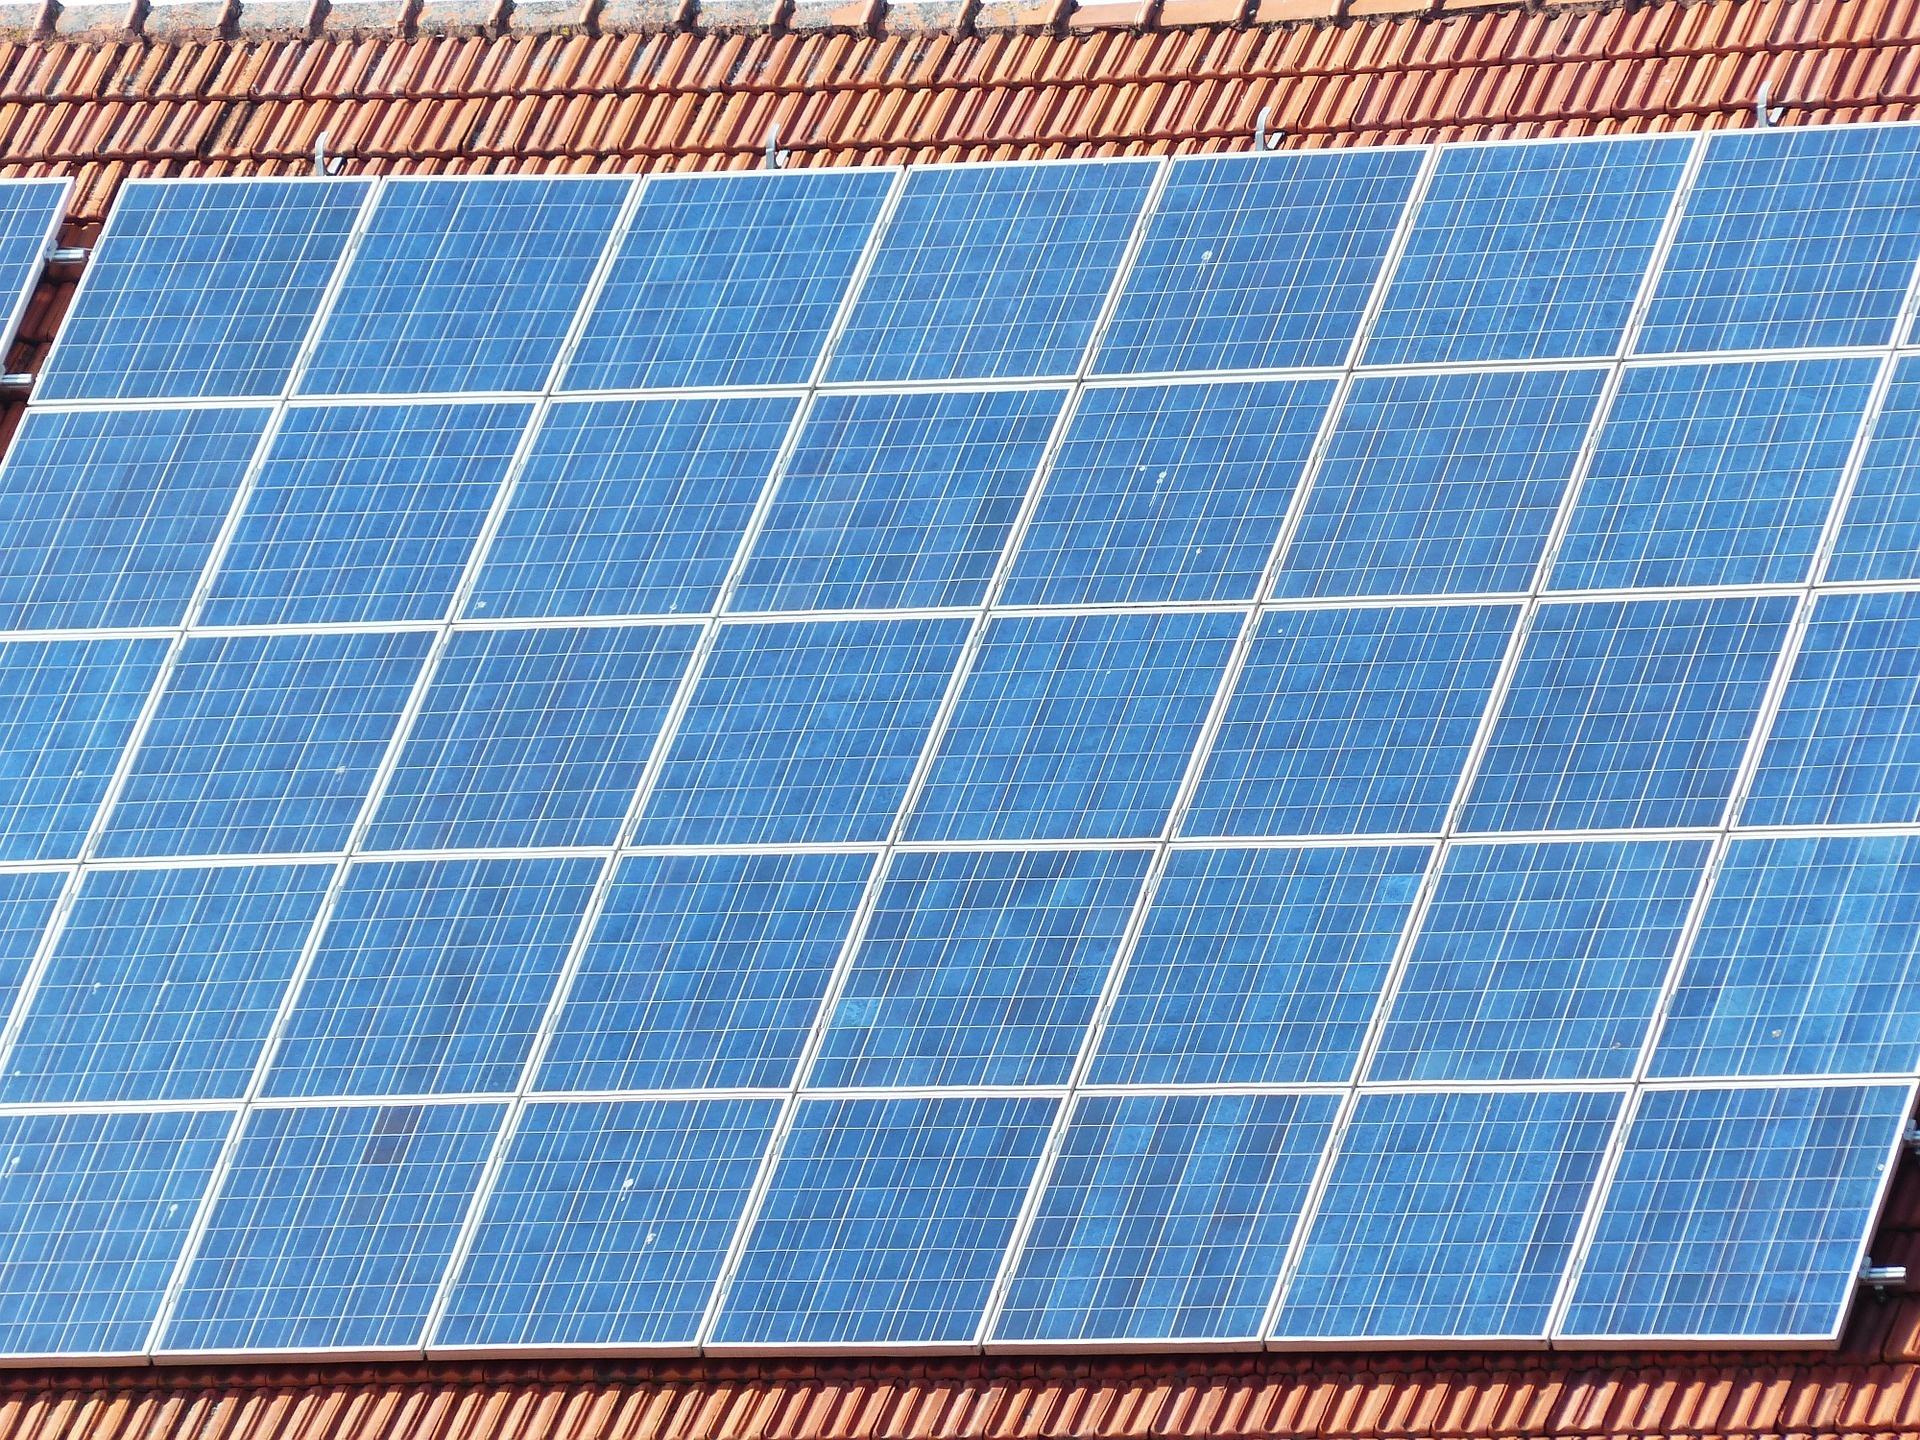 Solar Panels, Solar PV, Solar Energy, Solar Power, YSG Solar